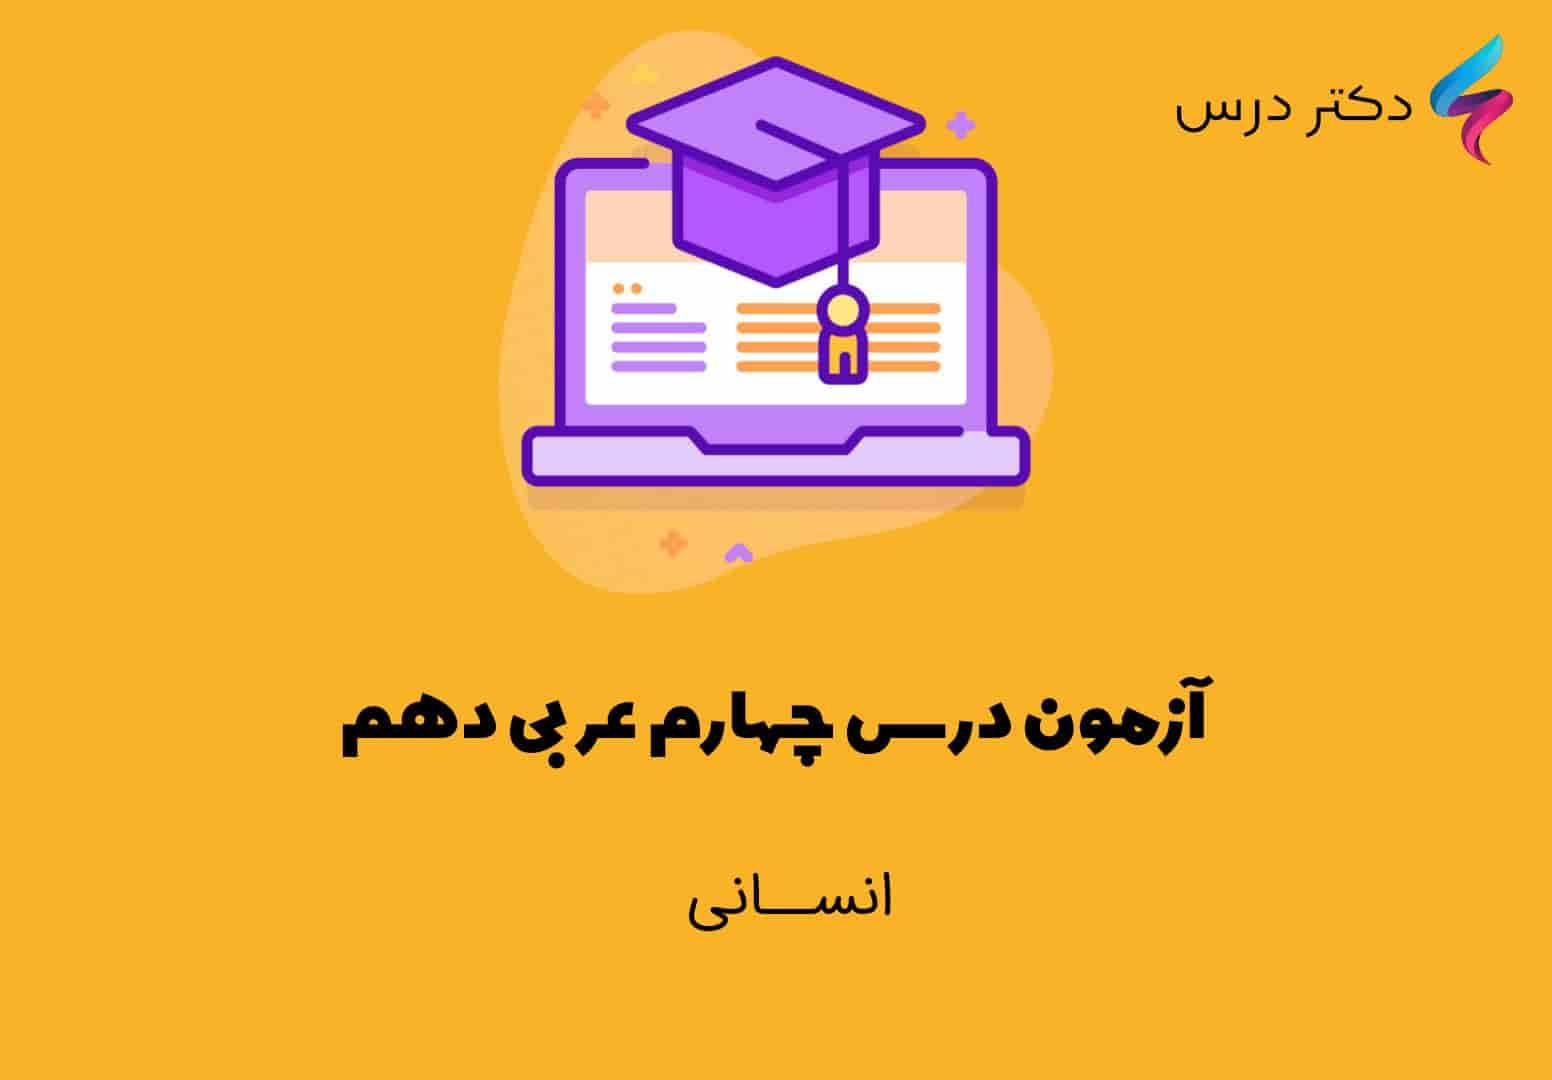 آزمون درس چهارم عربی دهم انسانی